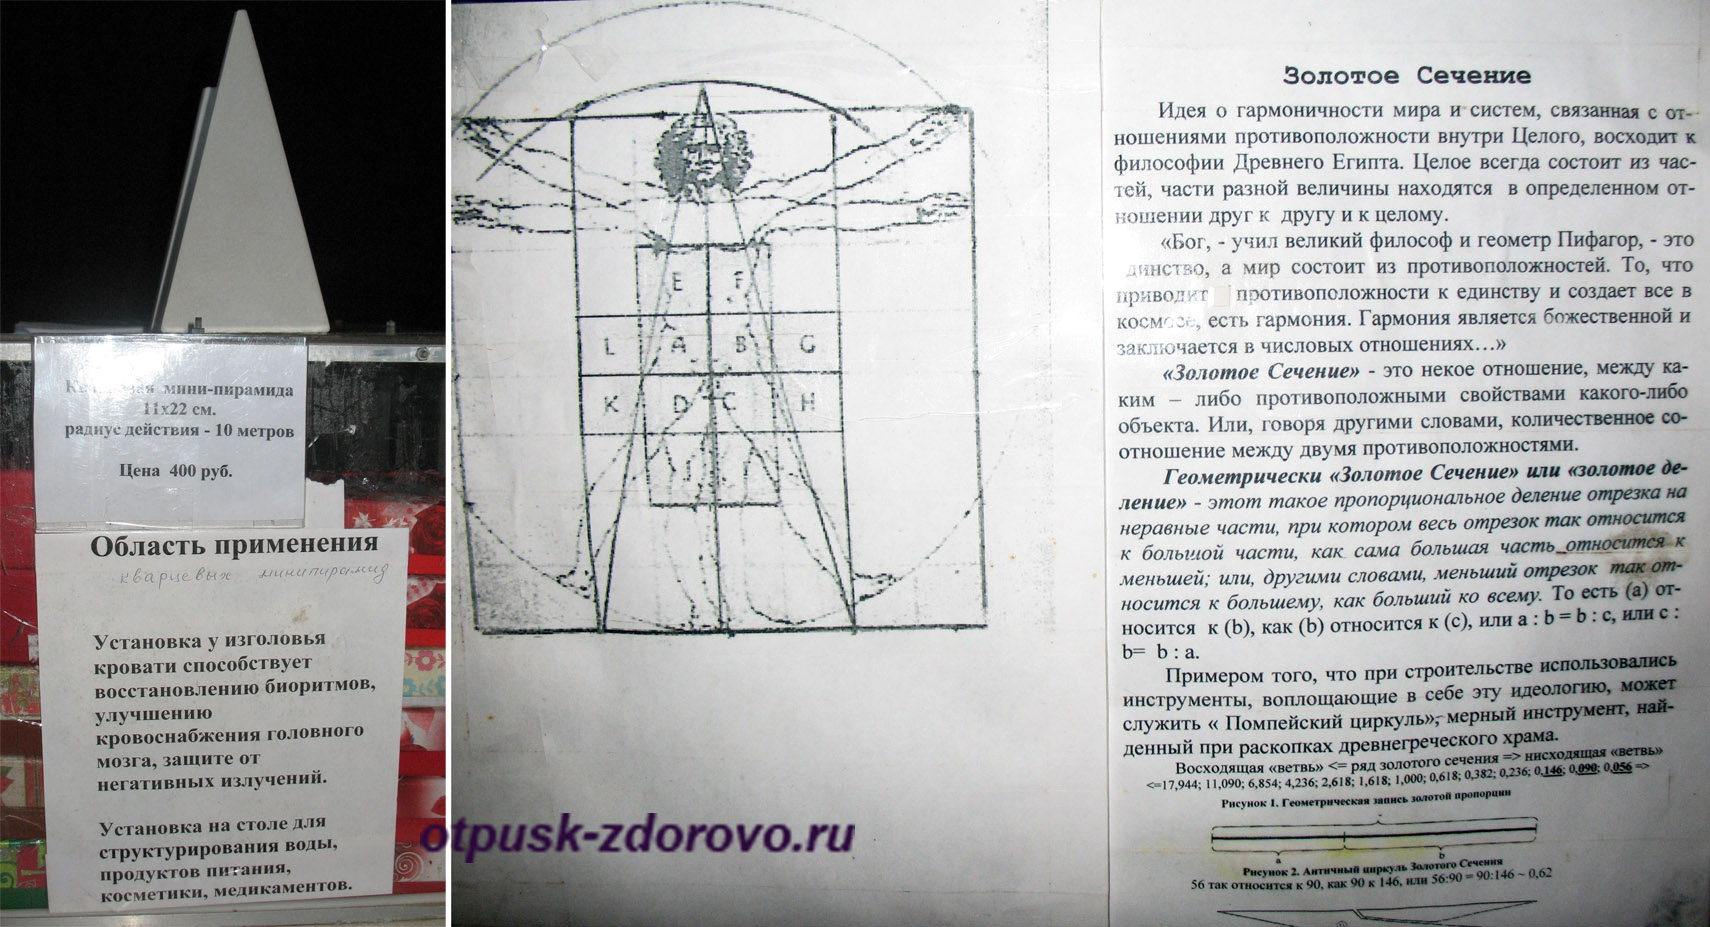 Пирамида Александра Голода. Полезные свойства золотого сечения